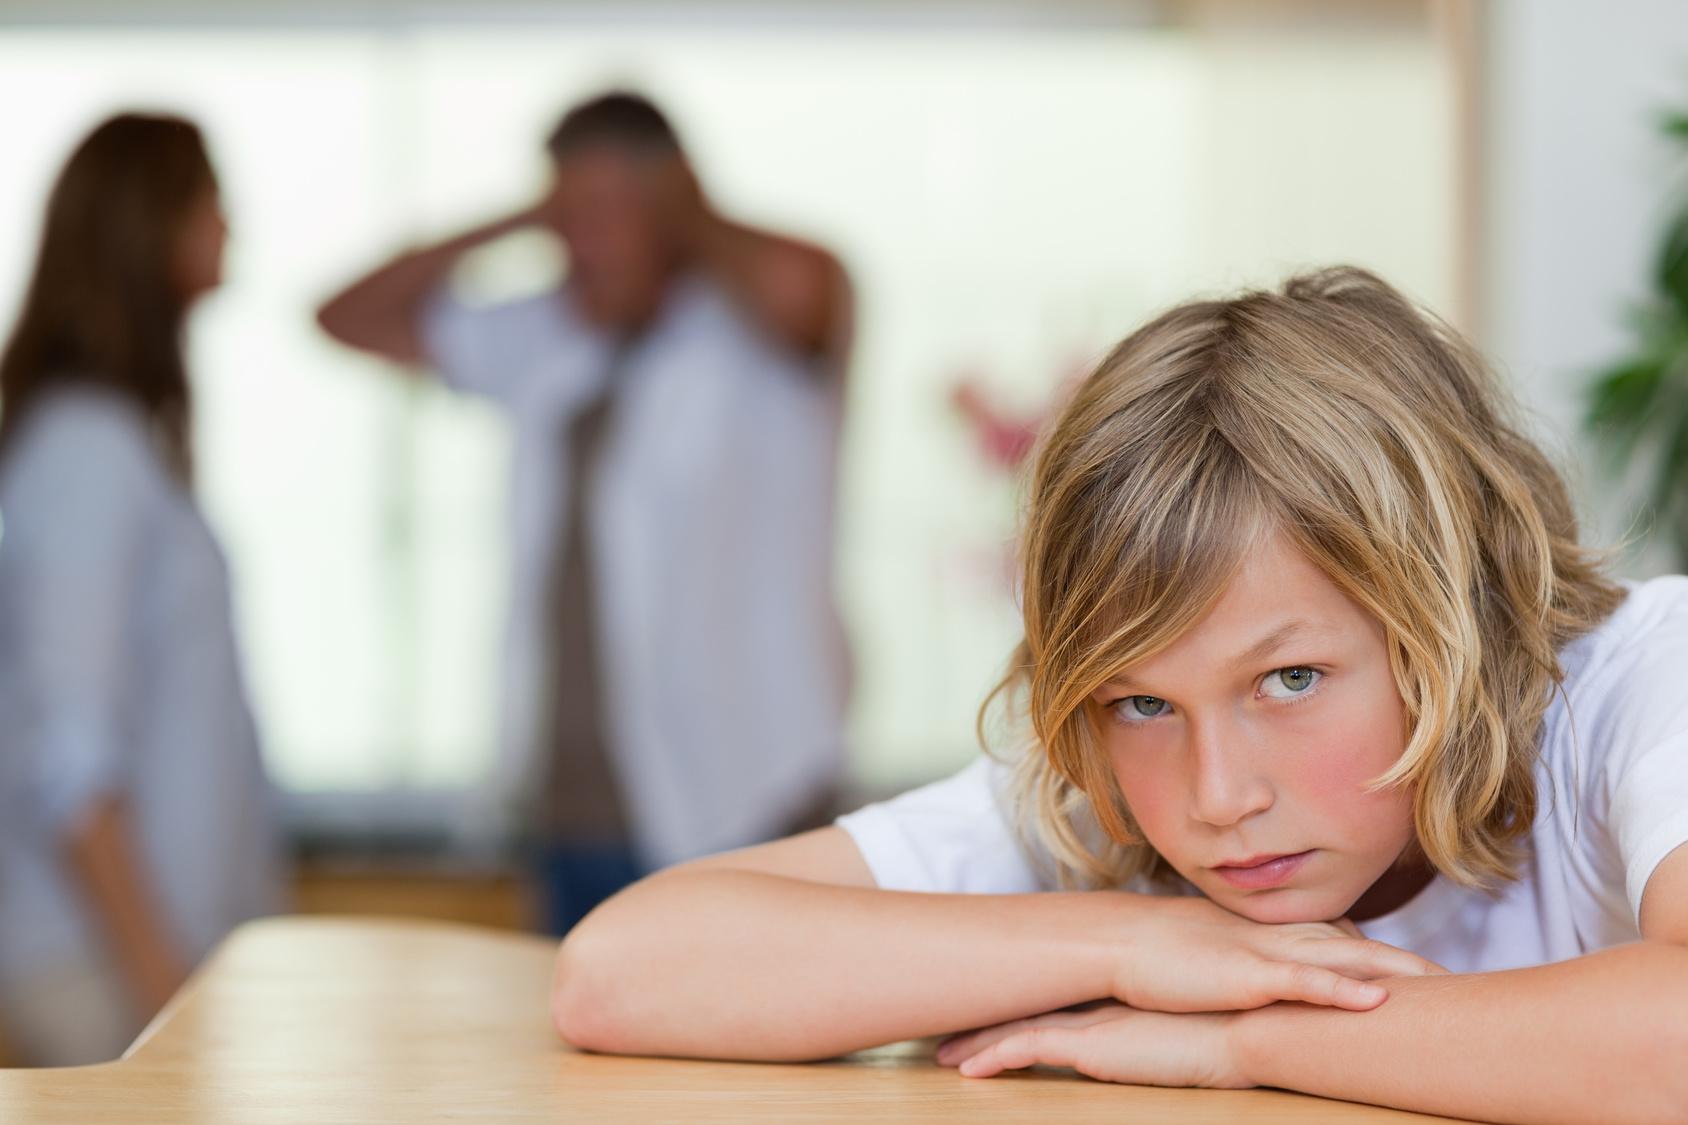 Папа уходит: как подготовить ребенка к разводу родителей